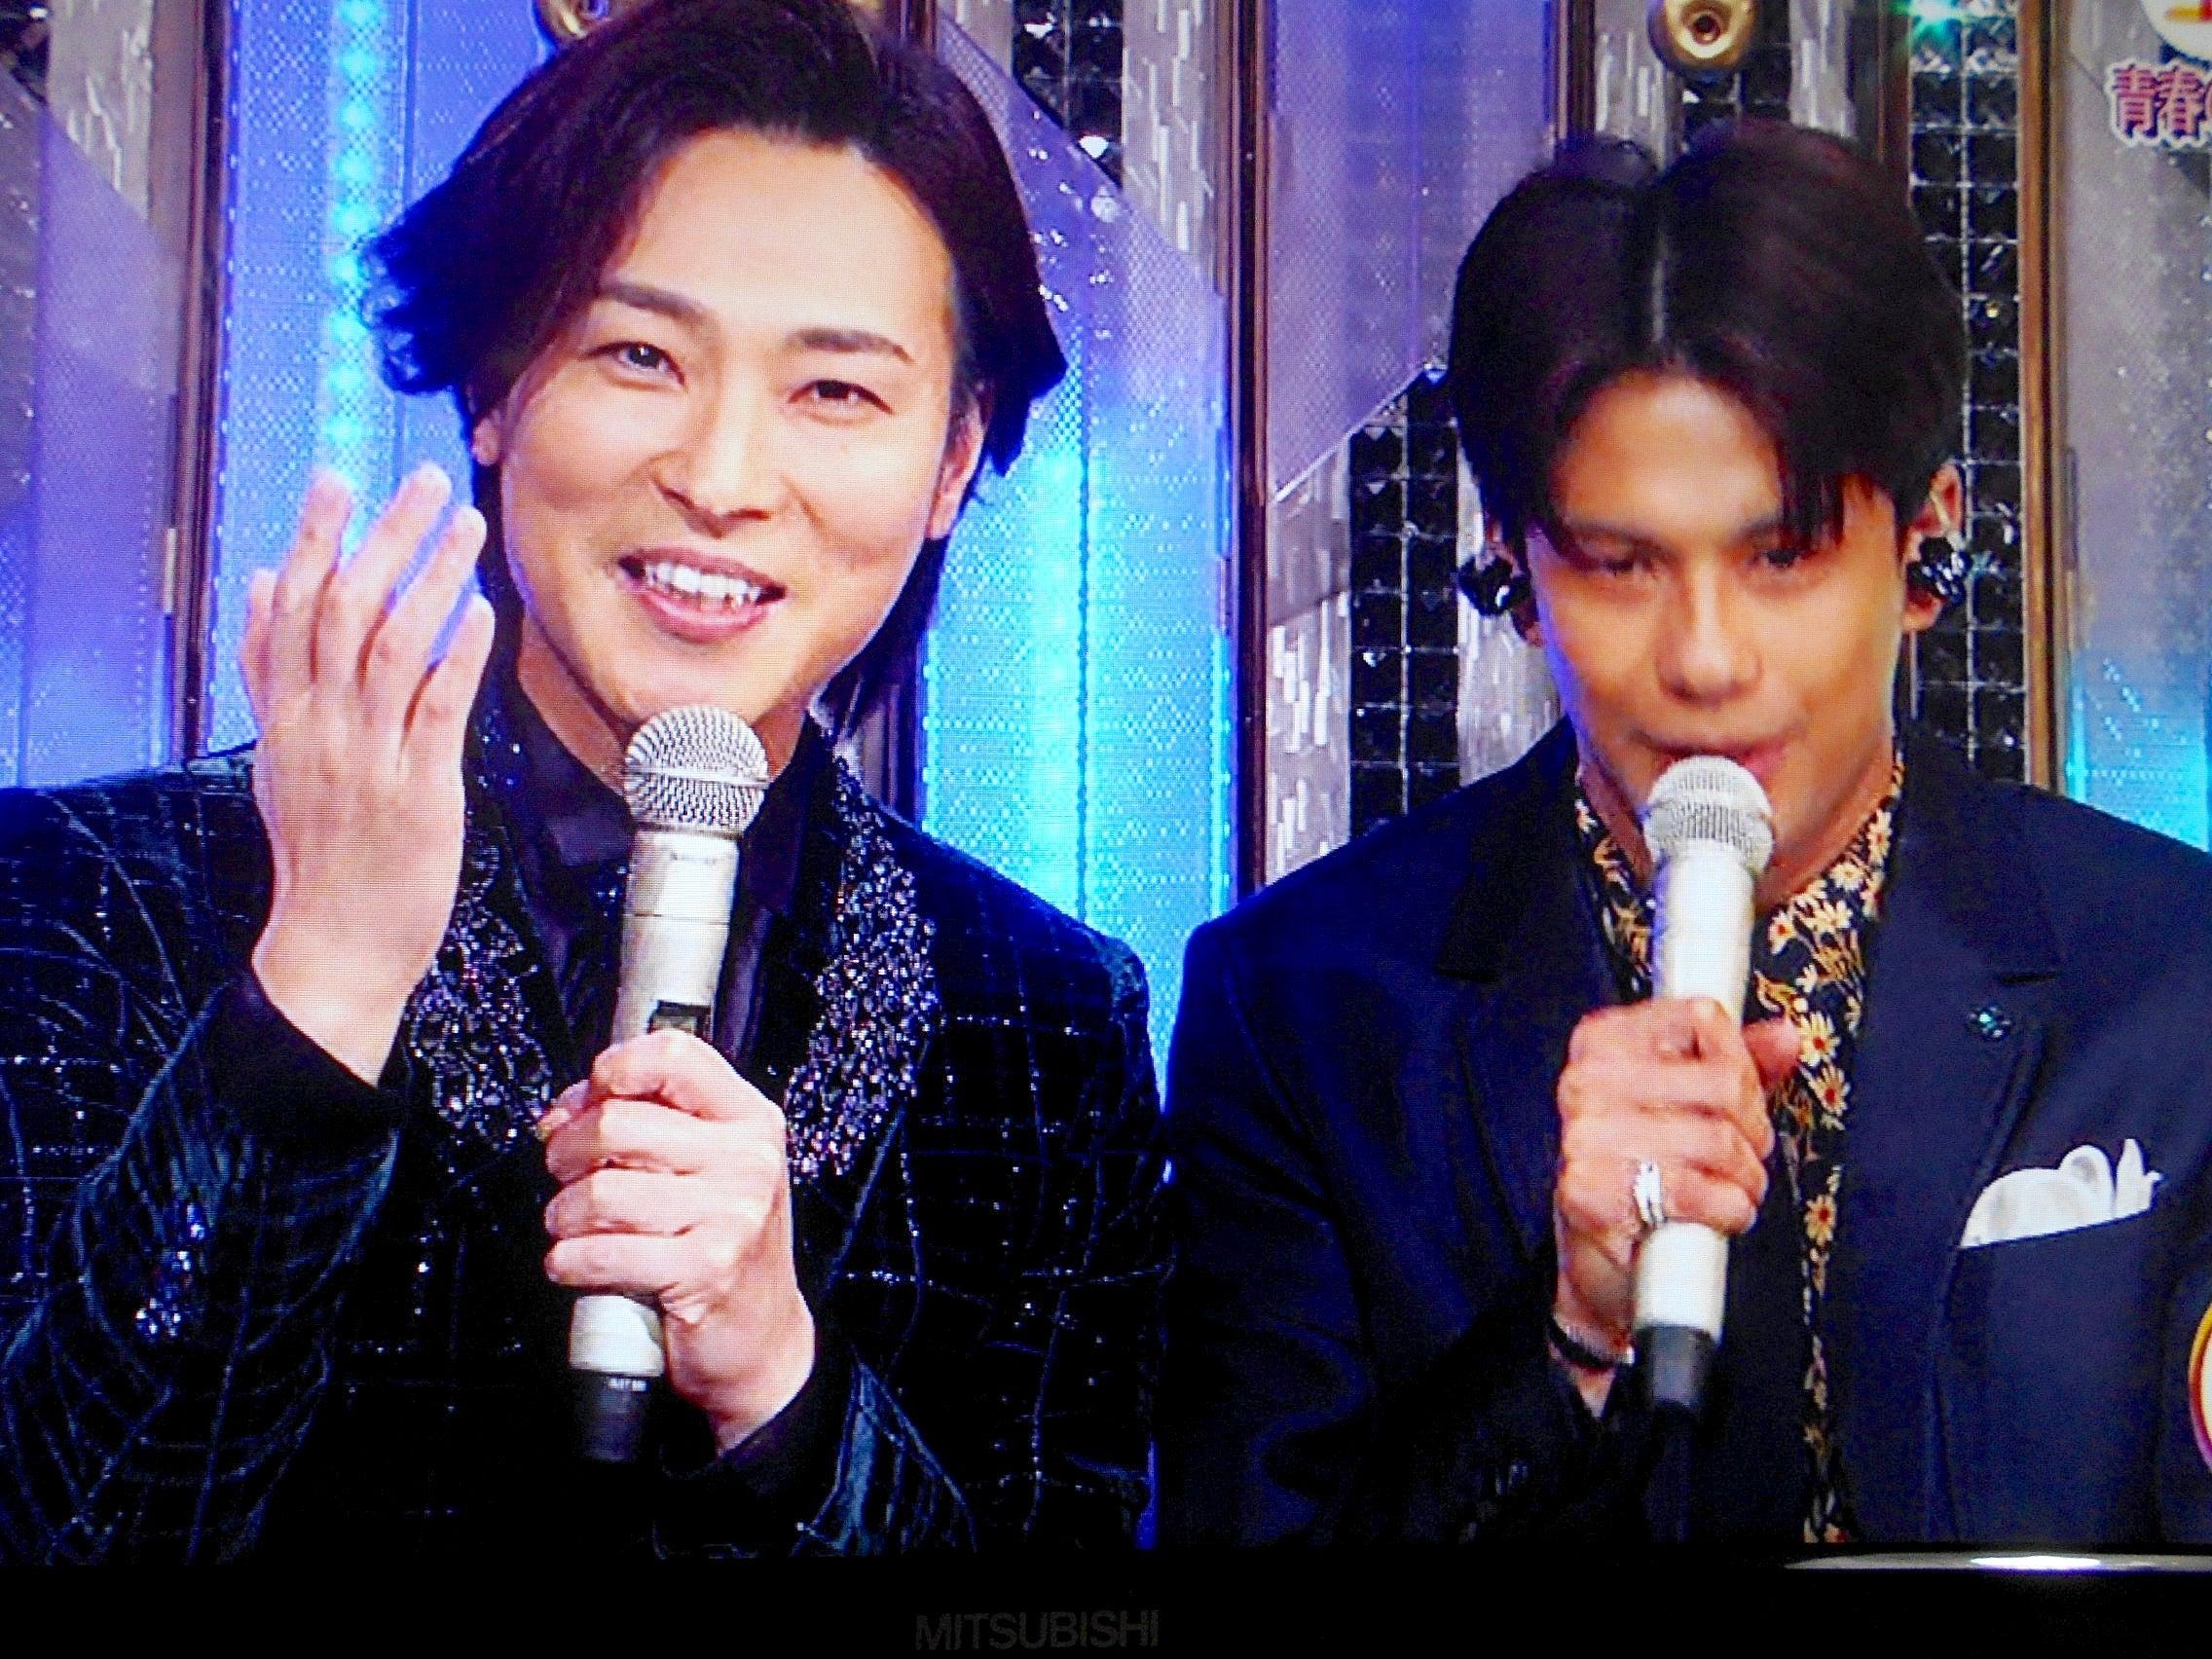 こうへい 新婚 いらっしゃい 福田 さん